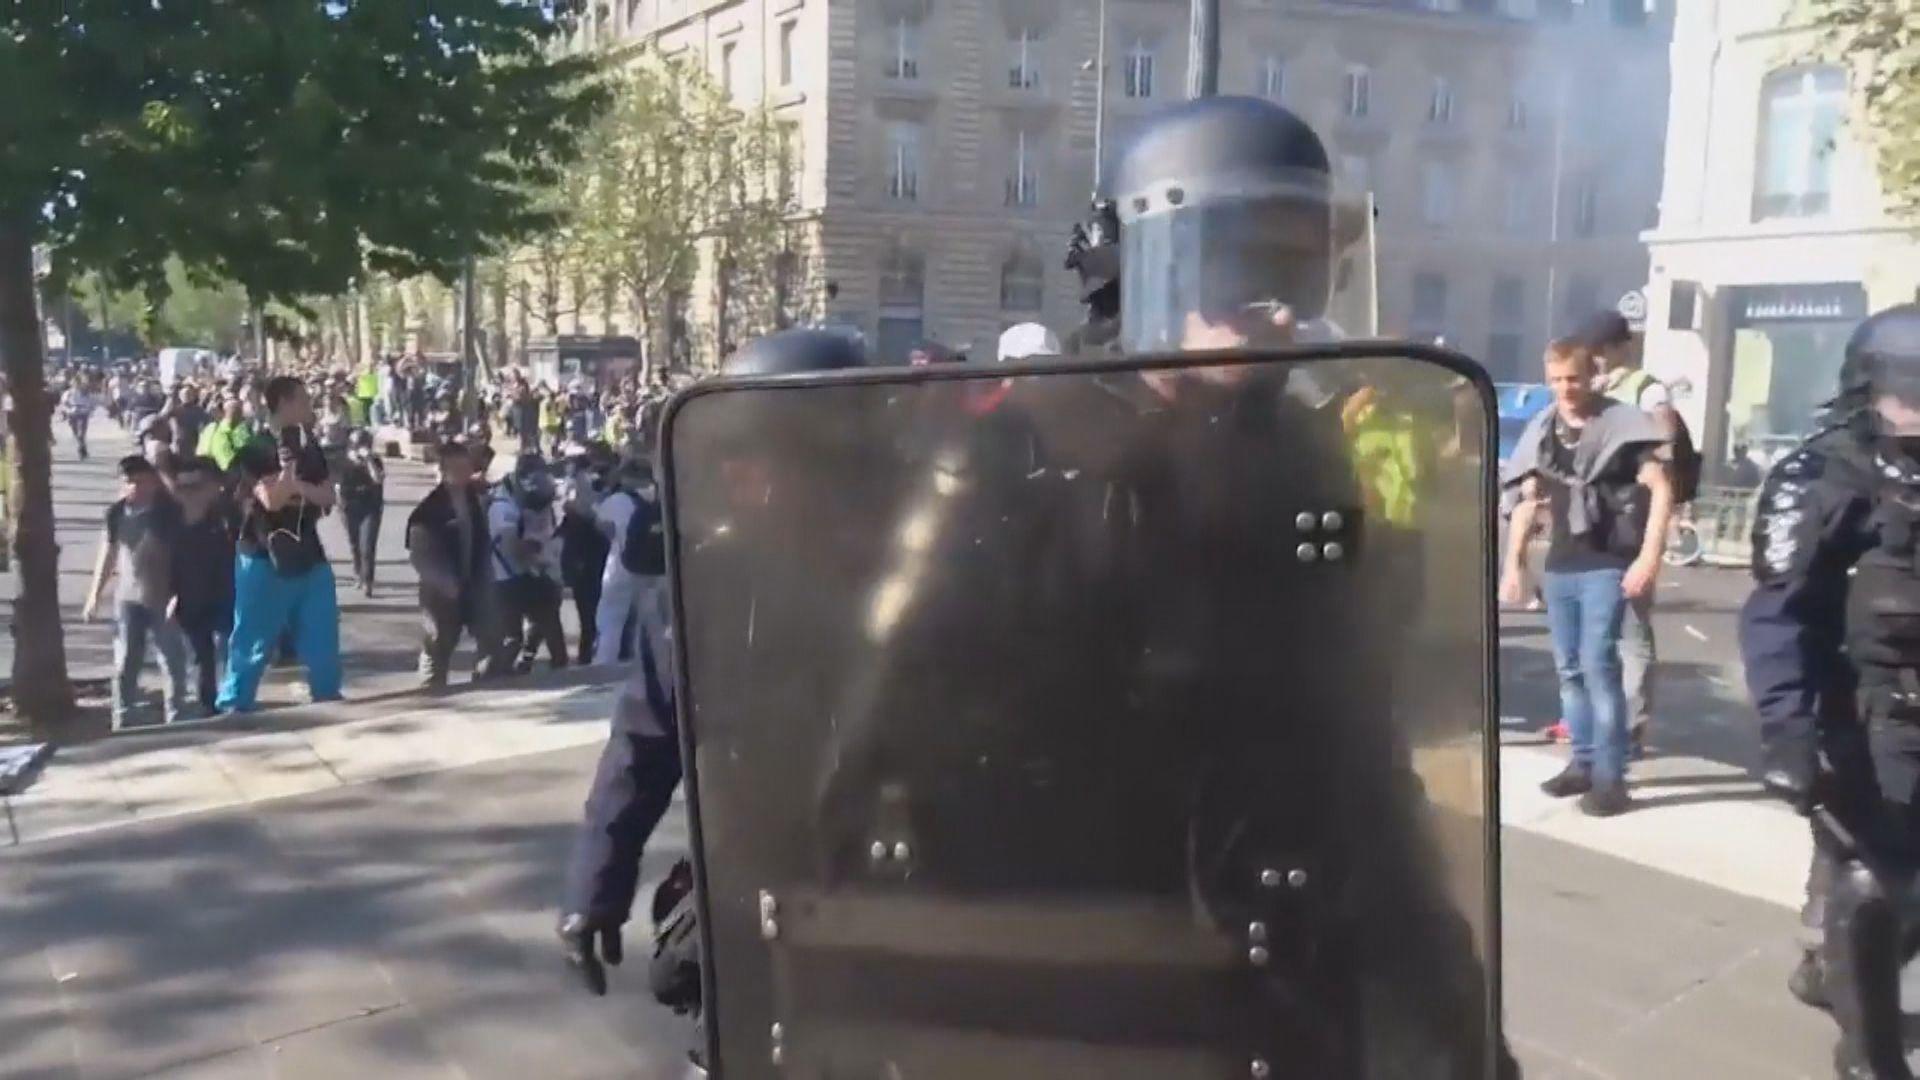 法國黃背心示威 仇警氣氛下警員工作壓力增